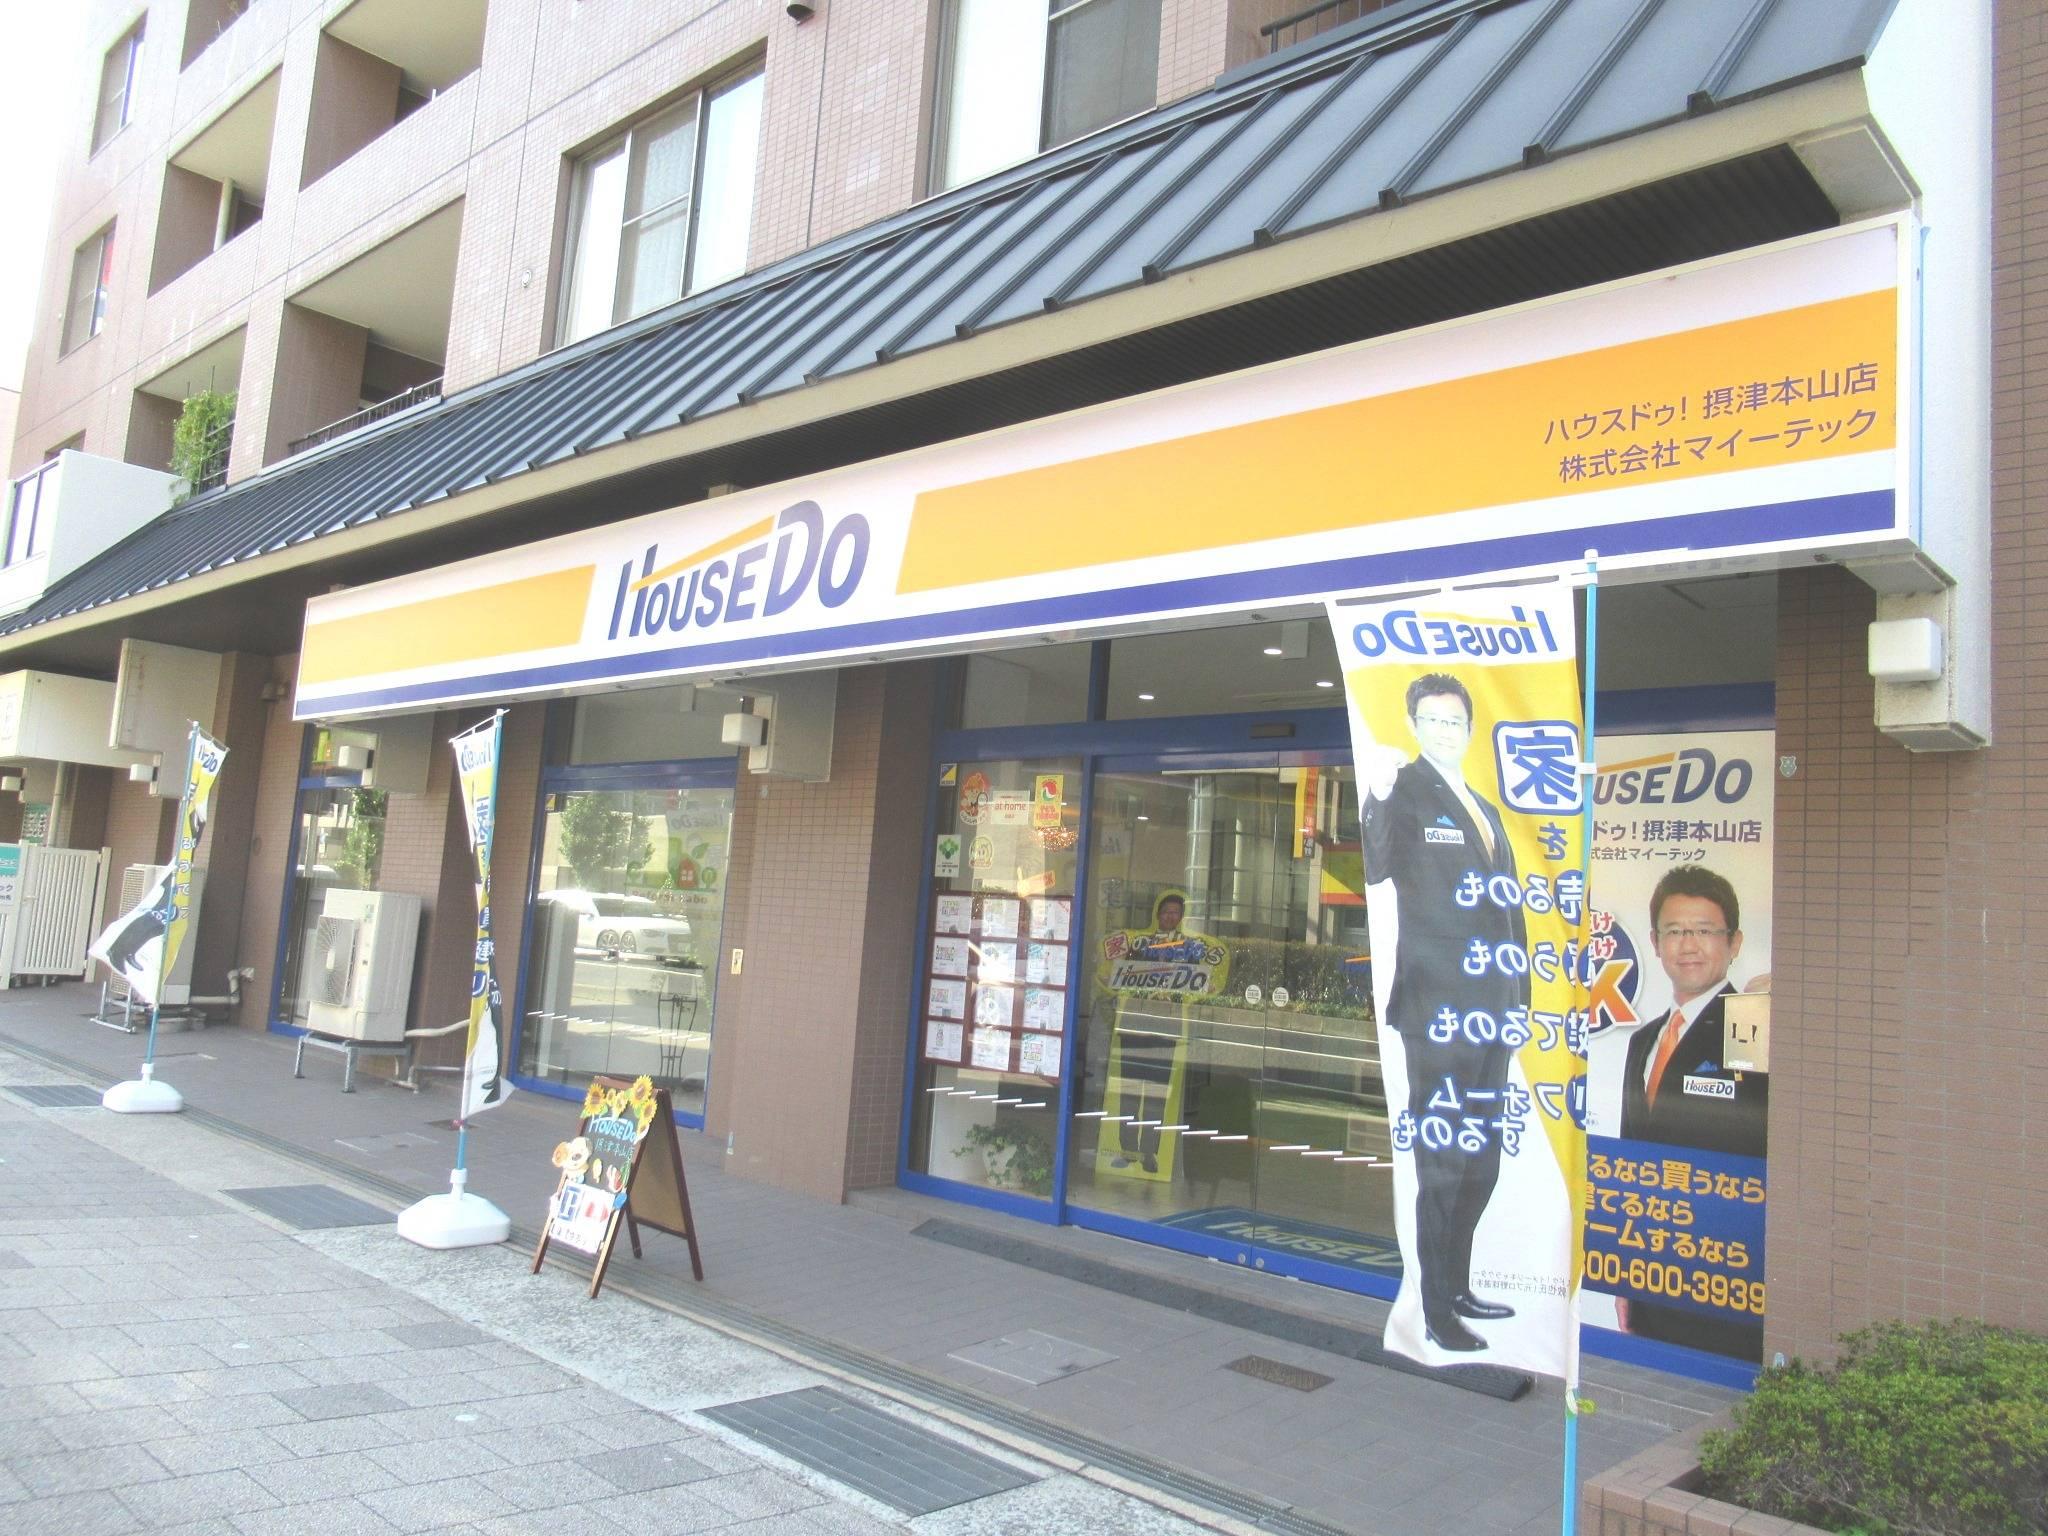 ハウスドゥ!摂津本山店 株式会社マイーテック